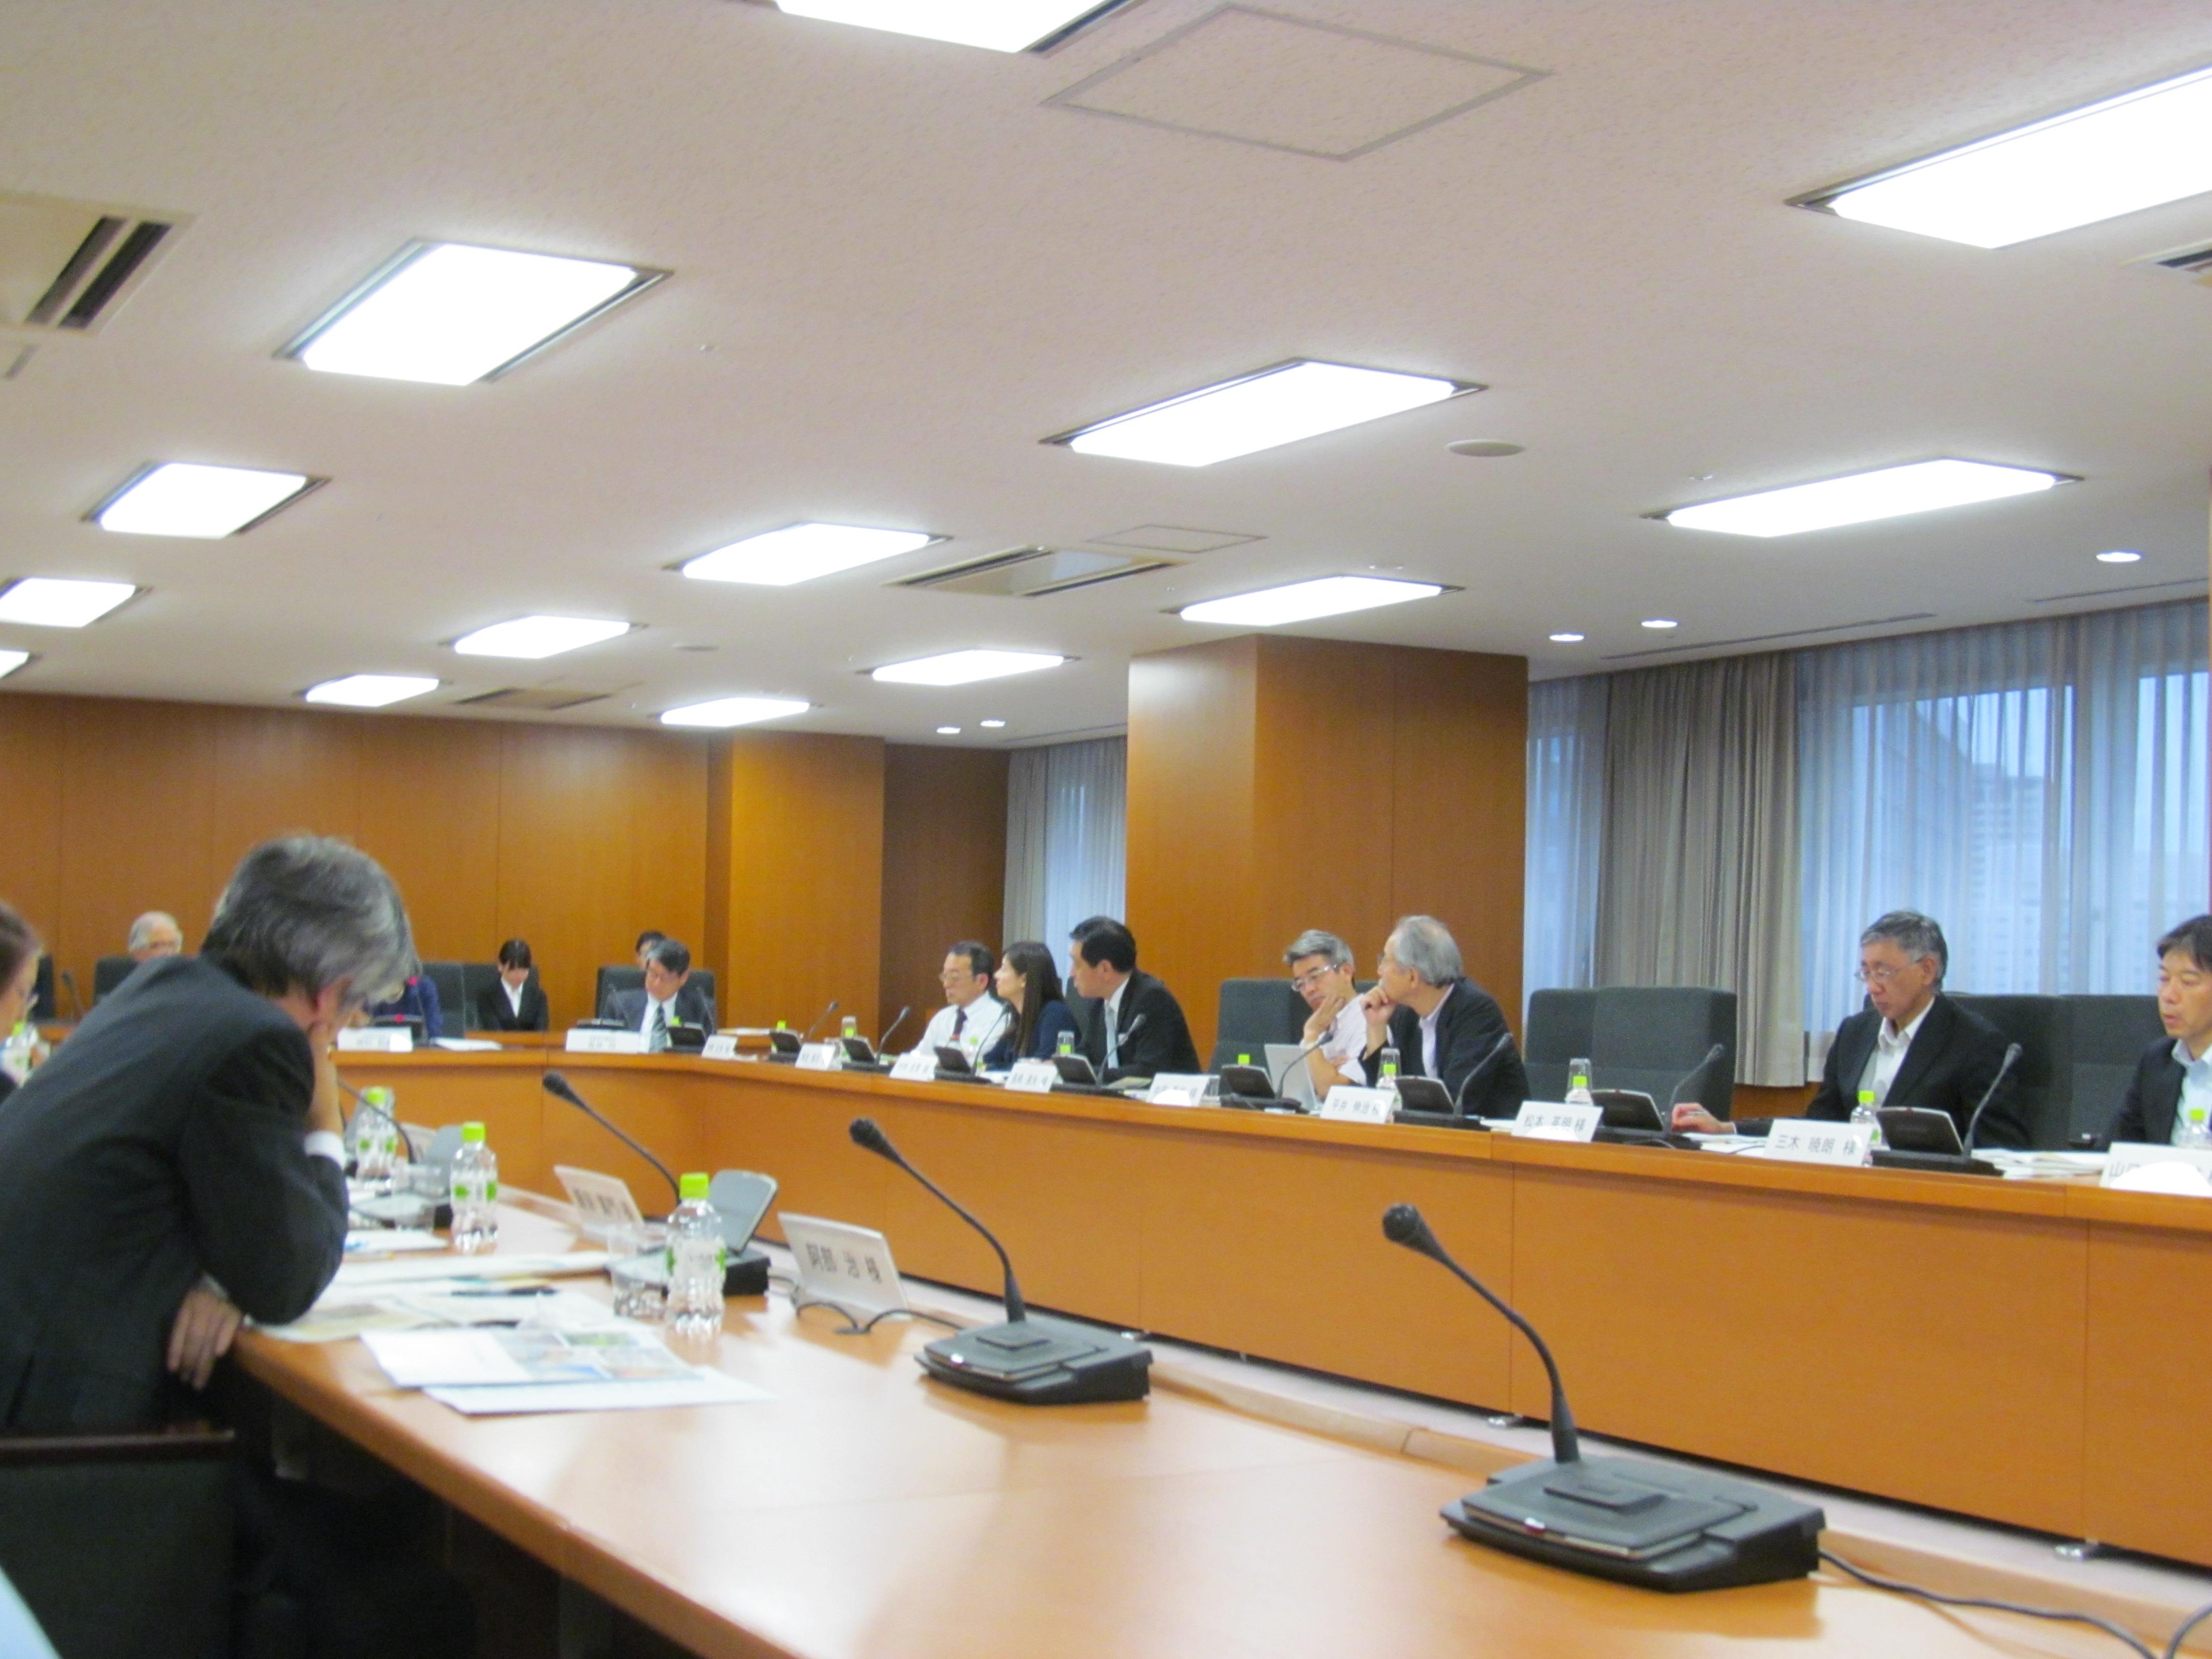 徳島県で反響 地域から活動拡大を 消費者庁研究会